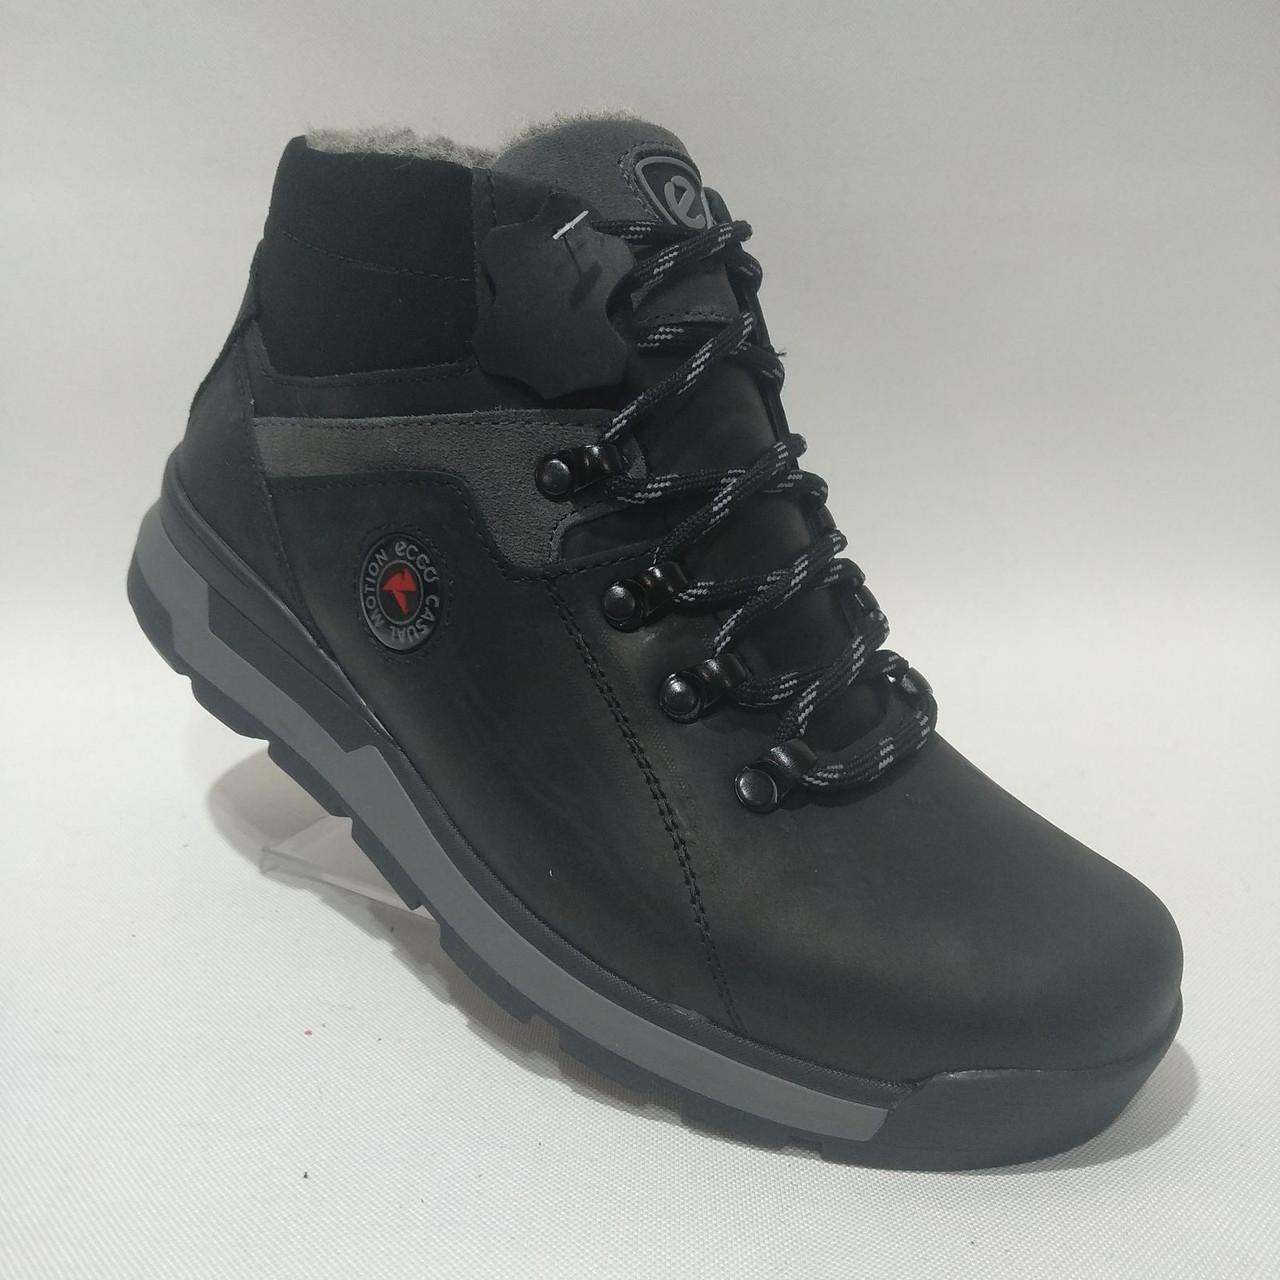 Мужские кожаные зимние ботинки Ecco реплика очень теплые